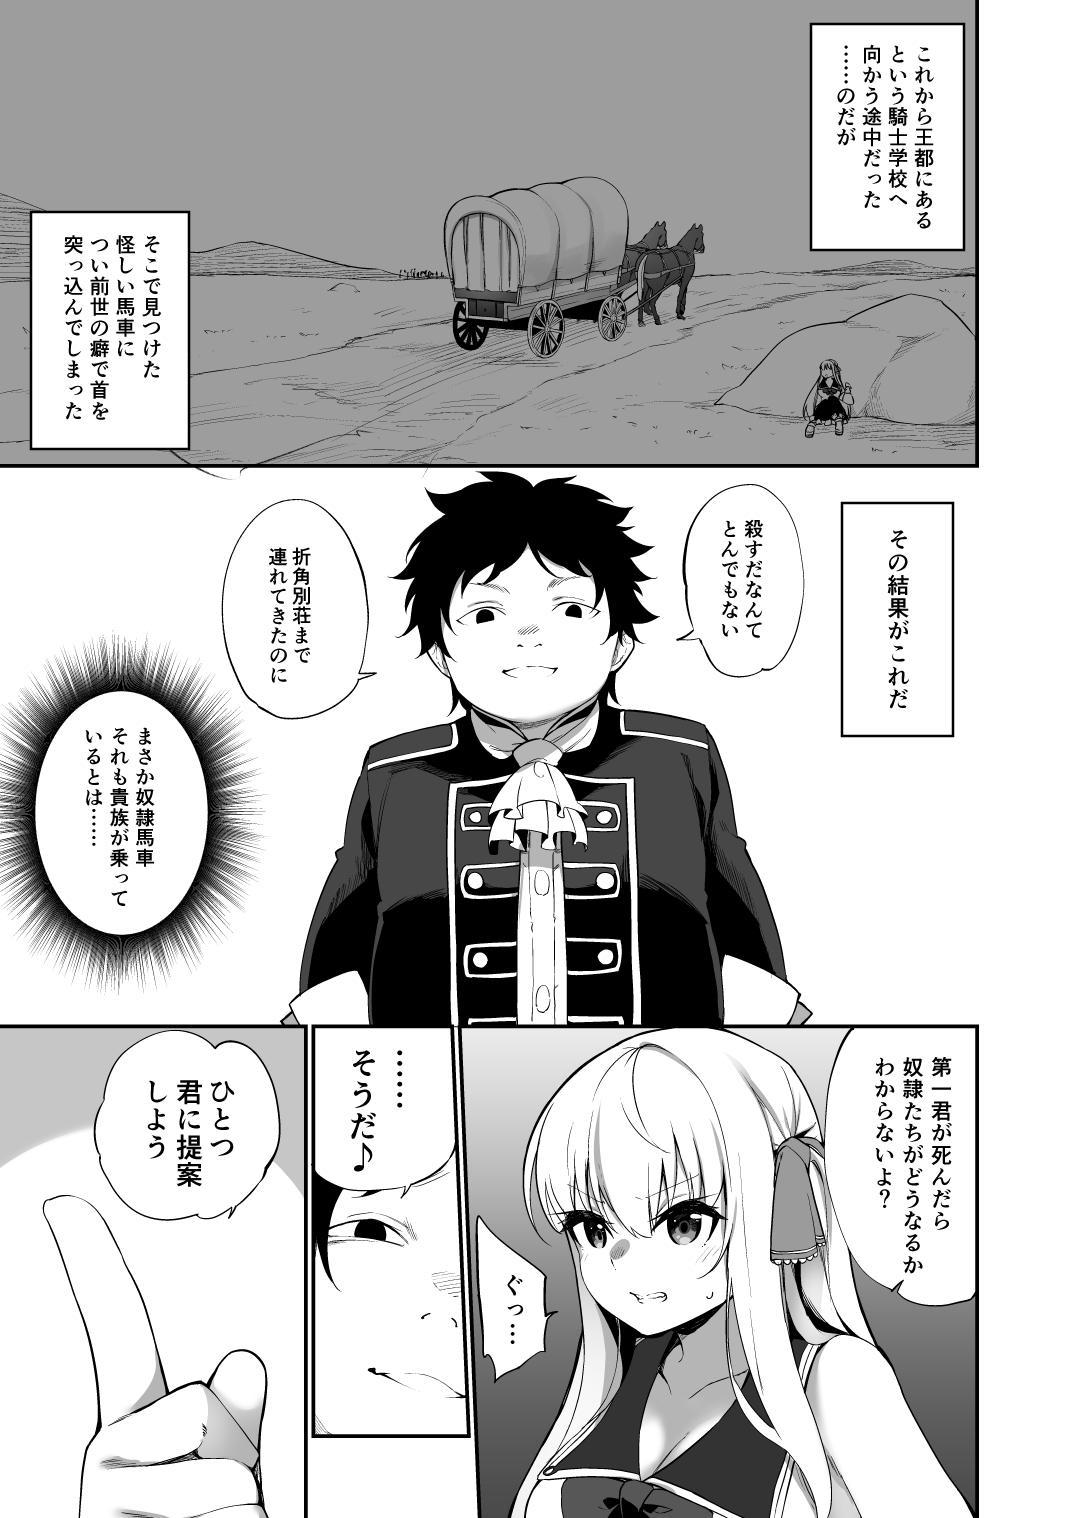 TS Tensei Kishi to Aru Kizoku no Yakusoku 4